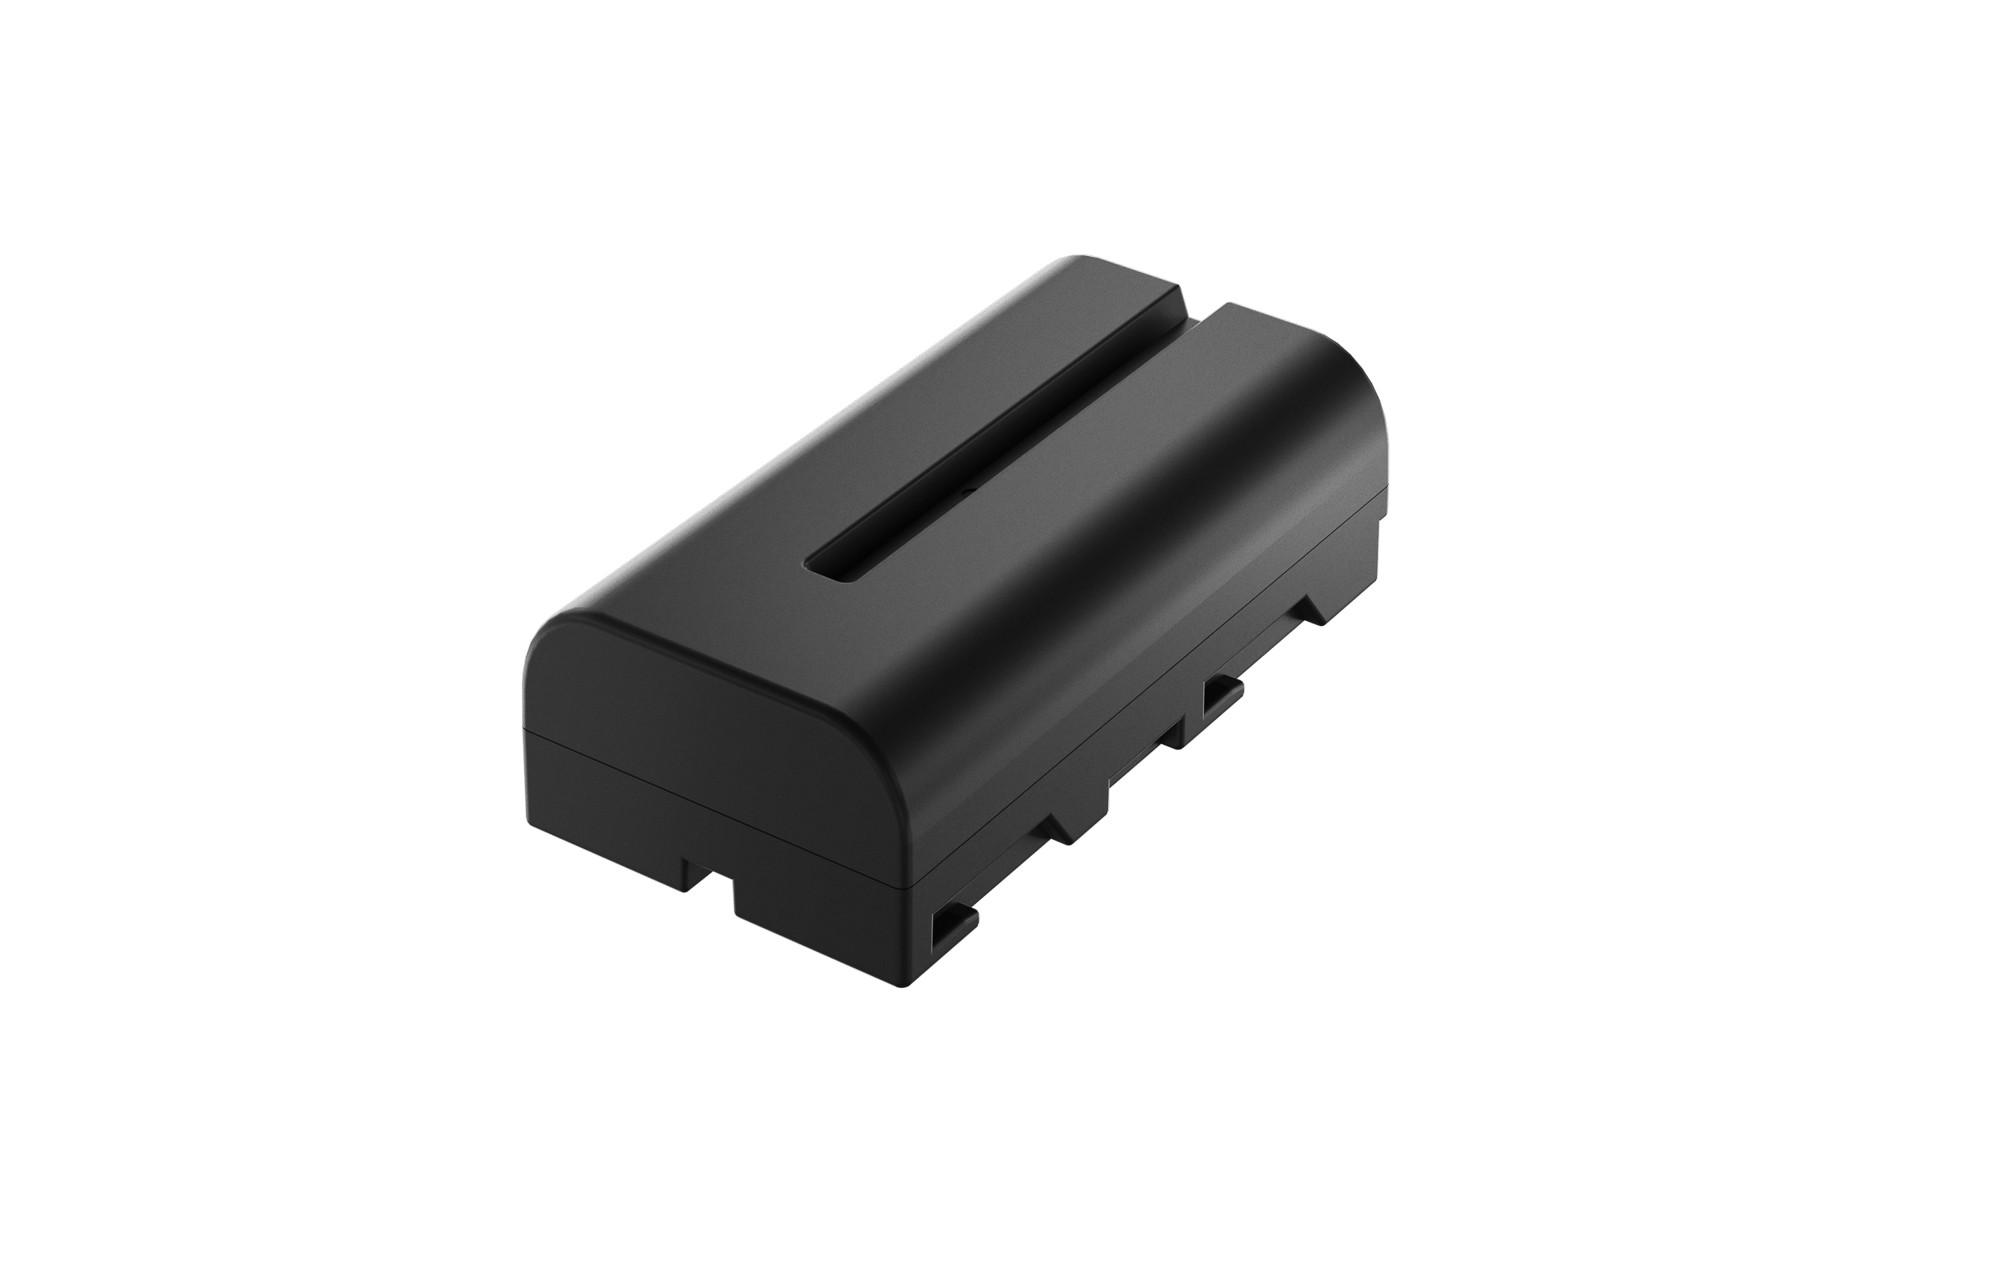 newell-nl0676-akumulator-zamiennik-sony-np-f570-f570-f530-battery-02.jpg